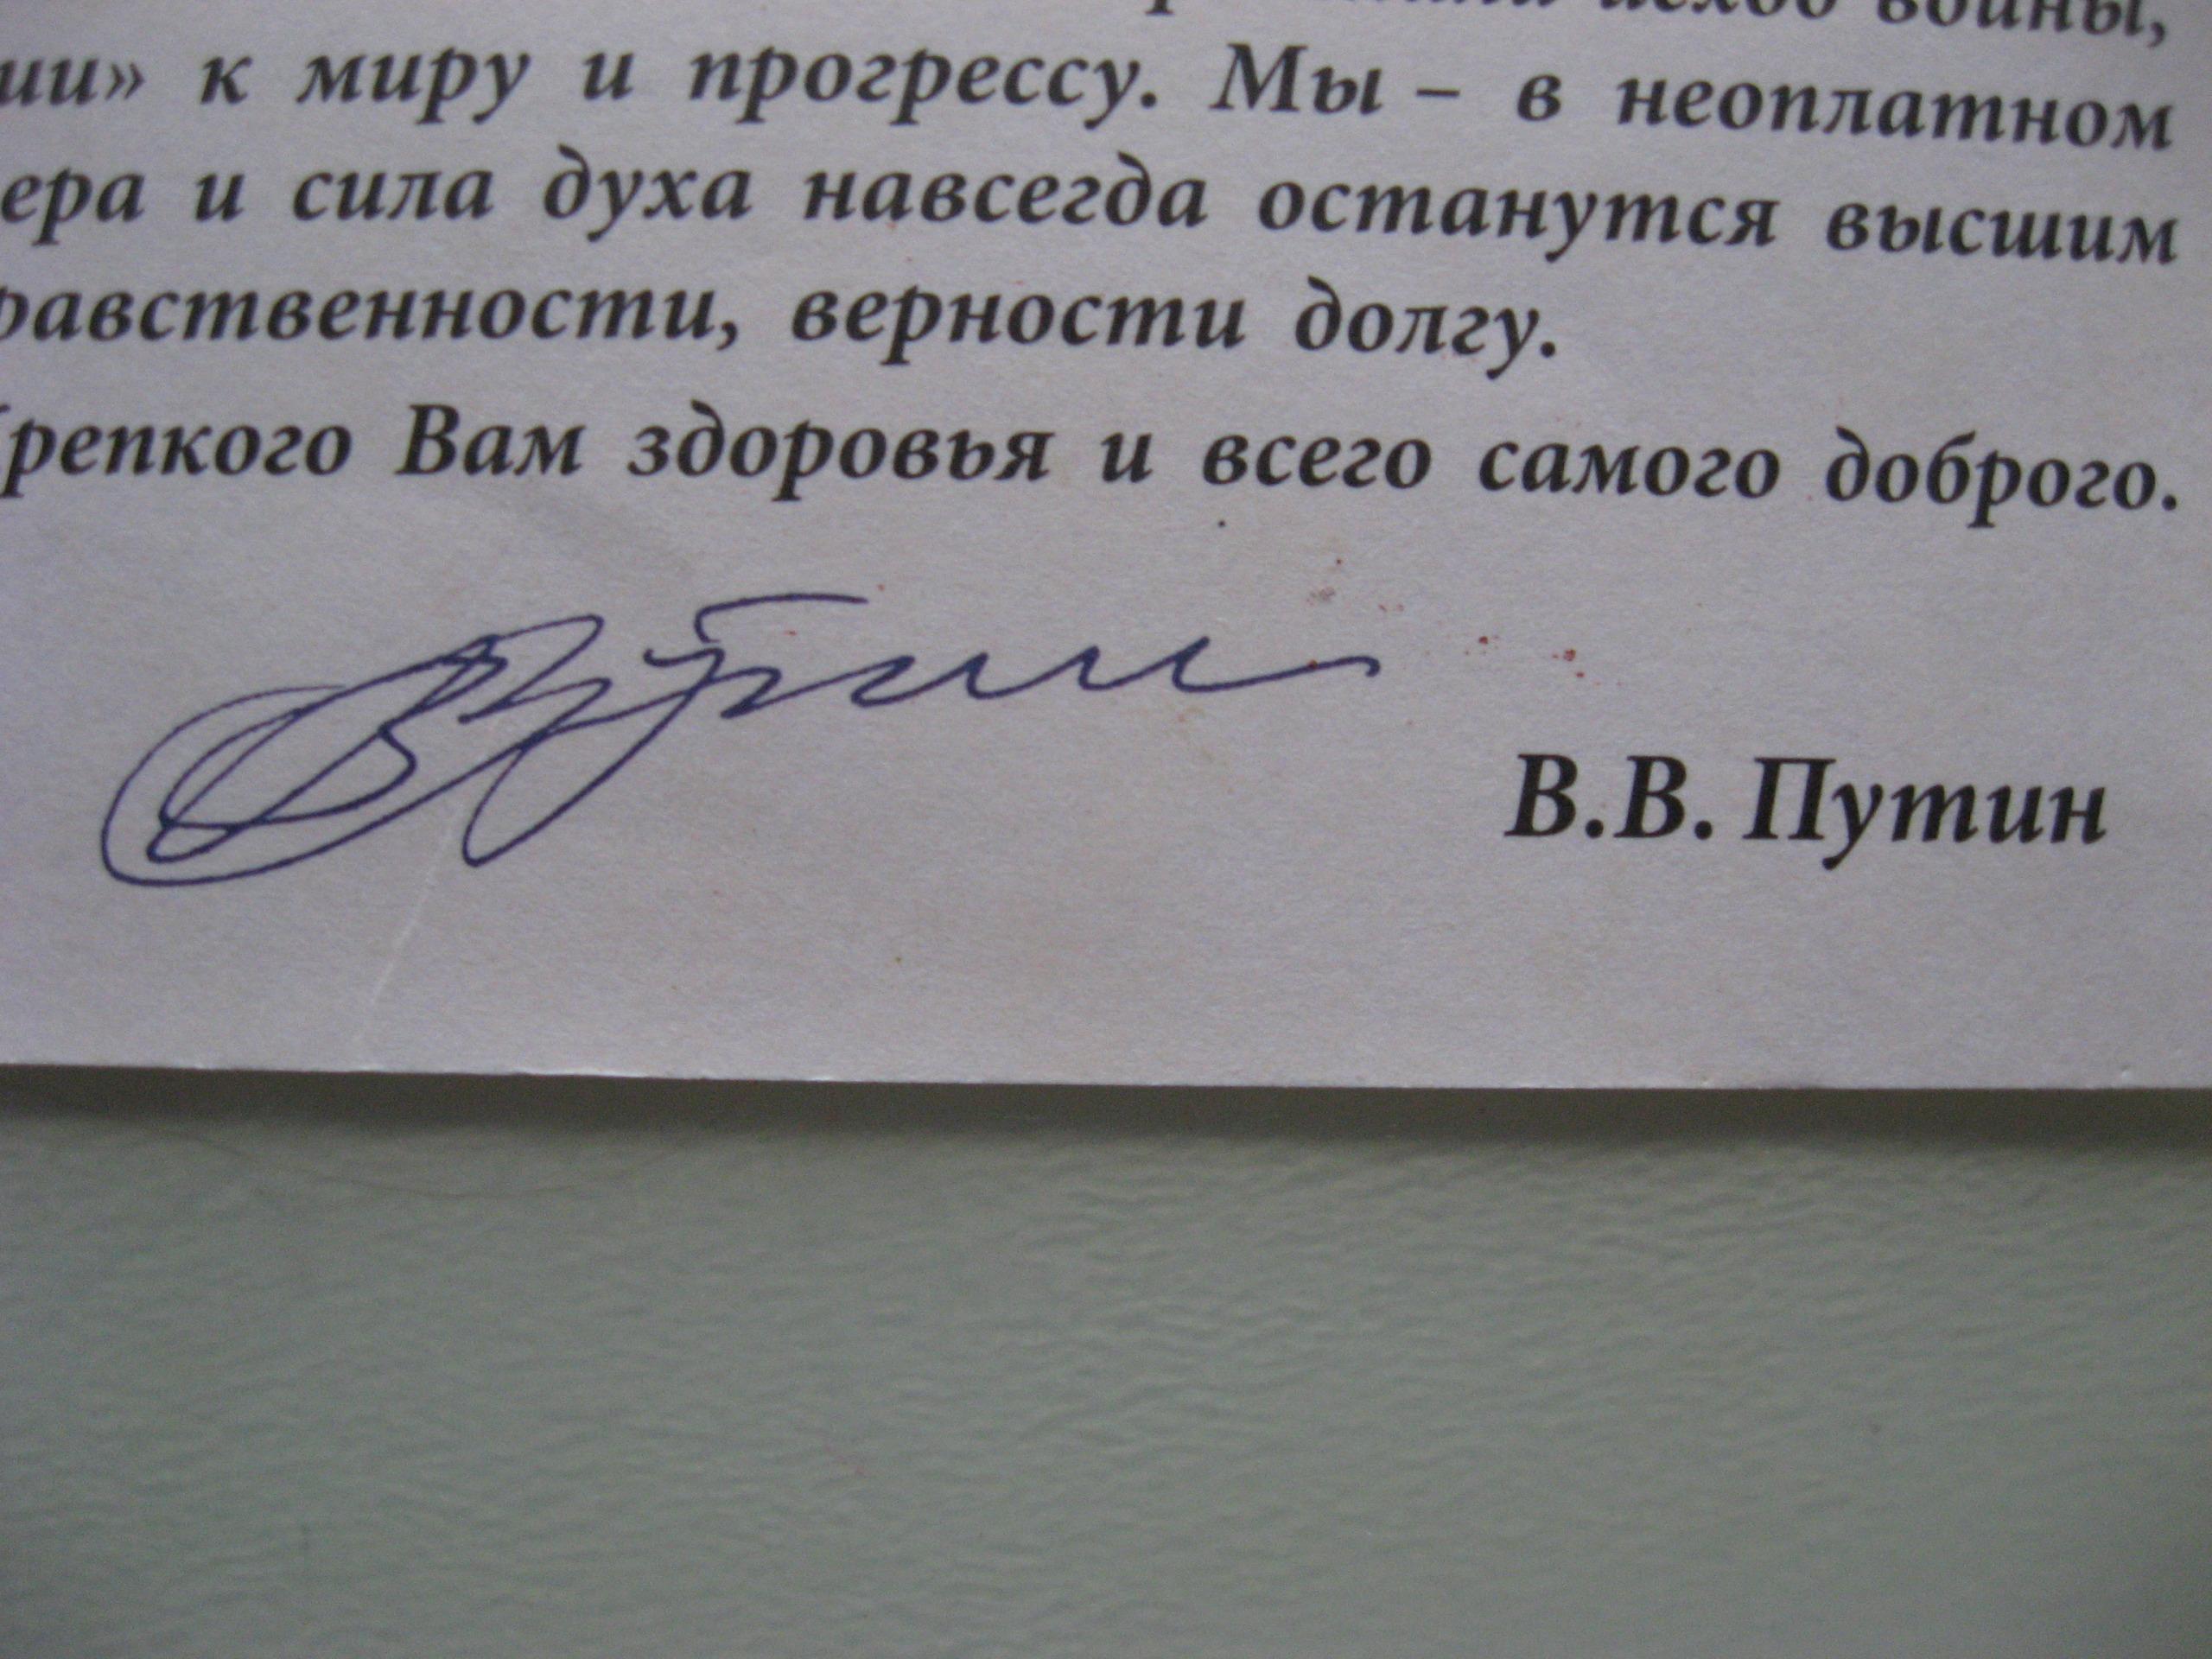 Картинки роспись путина